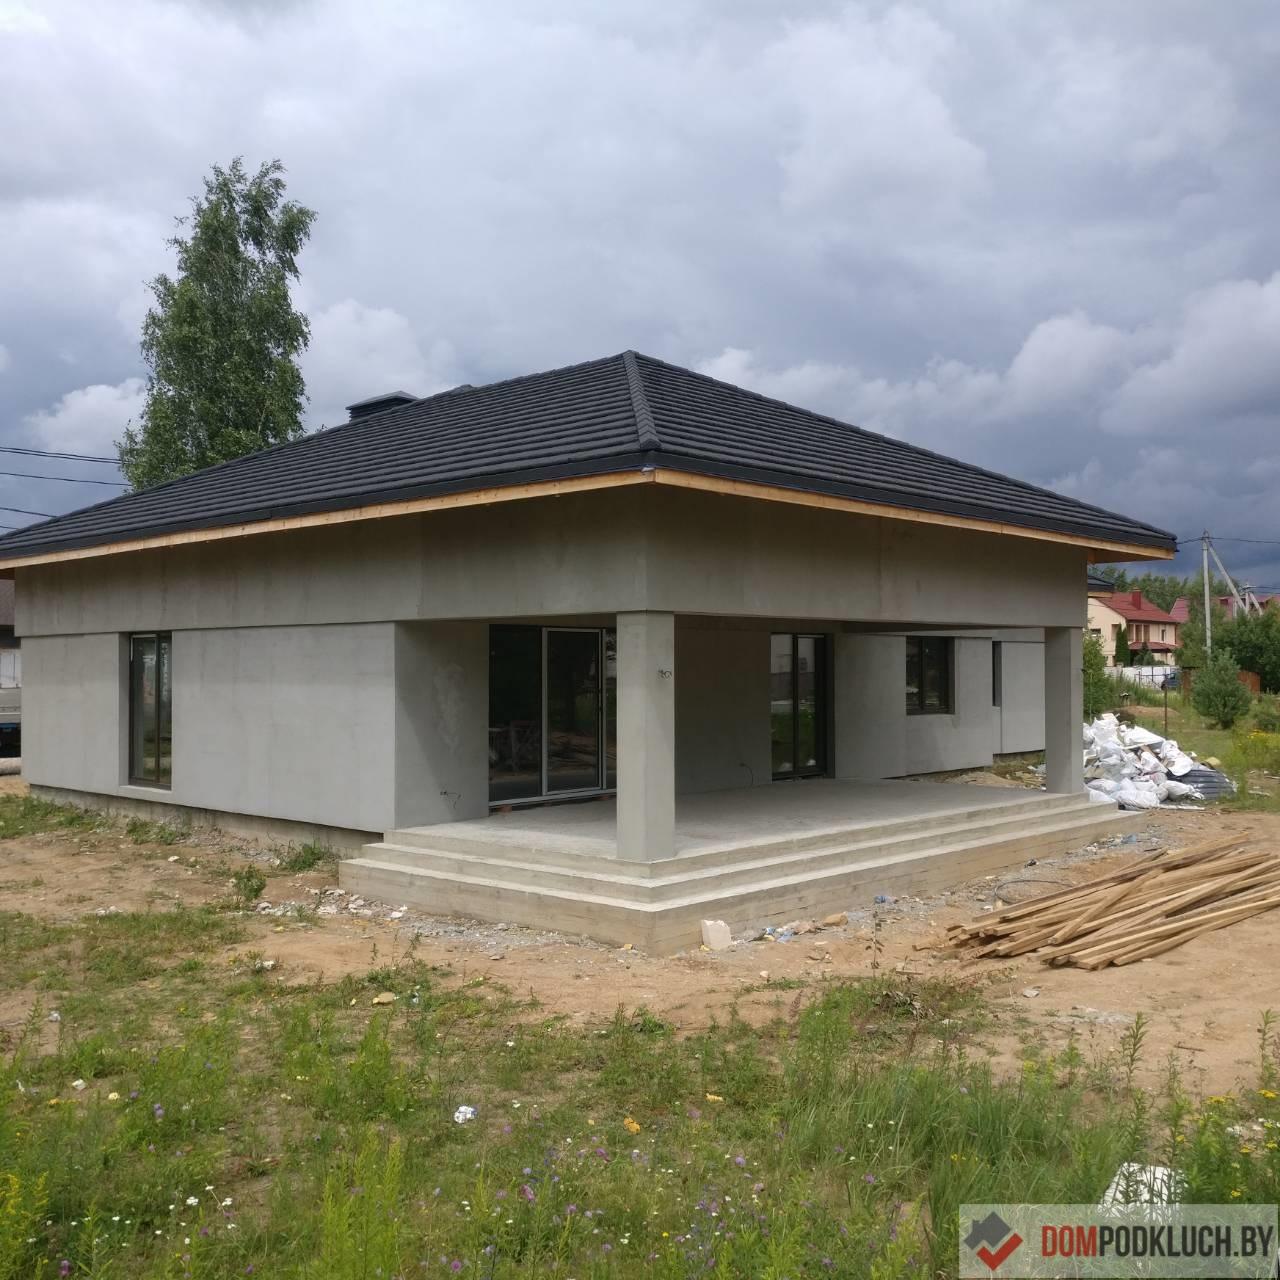 Одноэтажный дом из газобетонных блоков